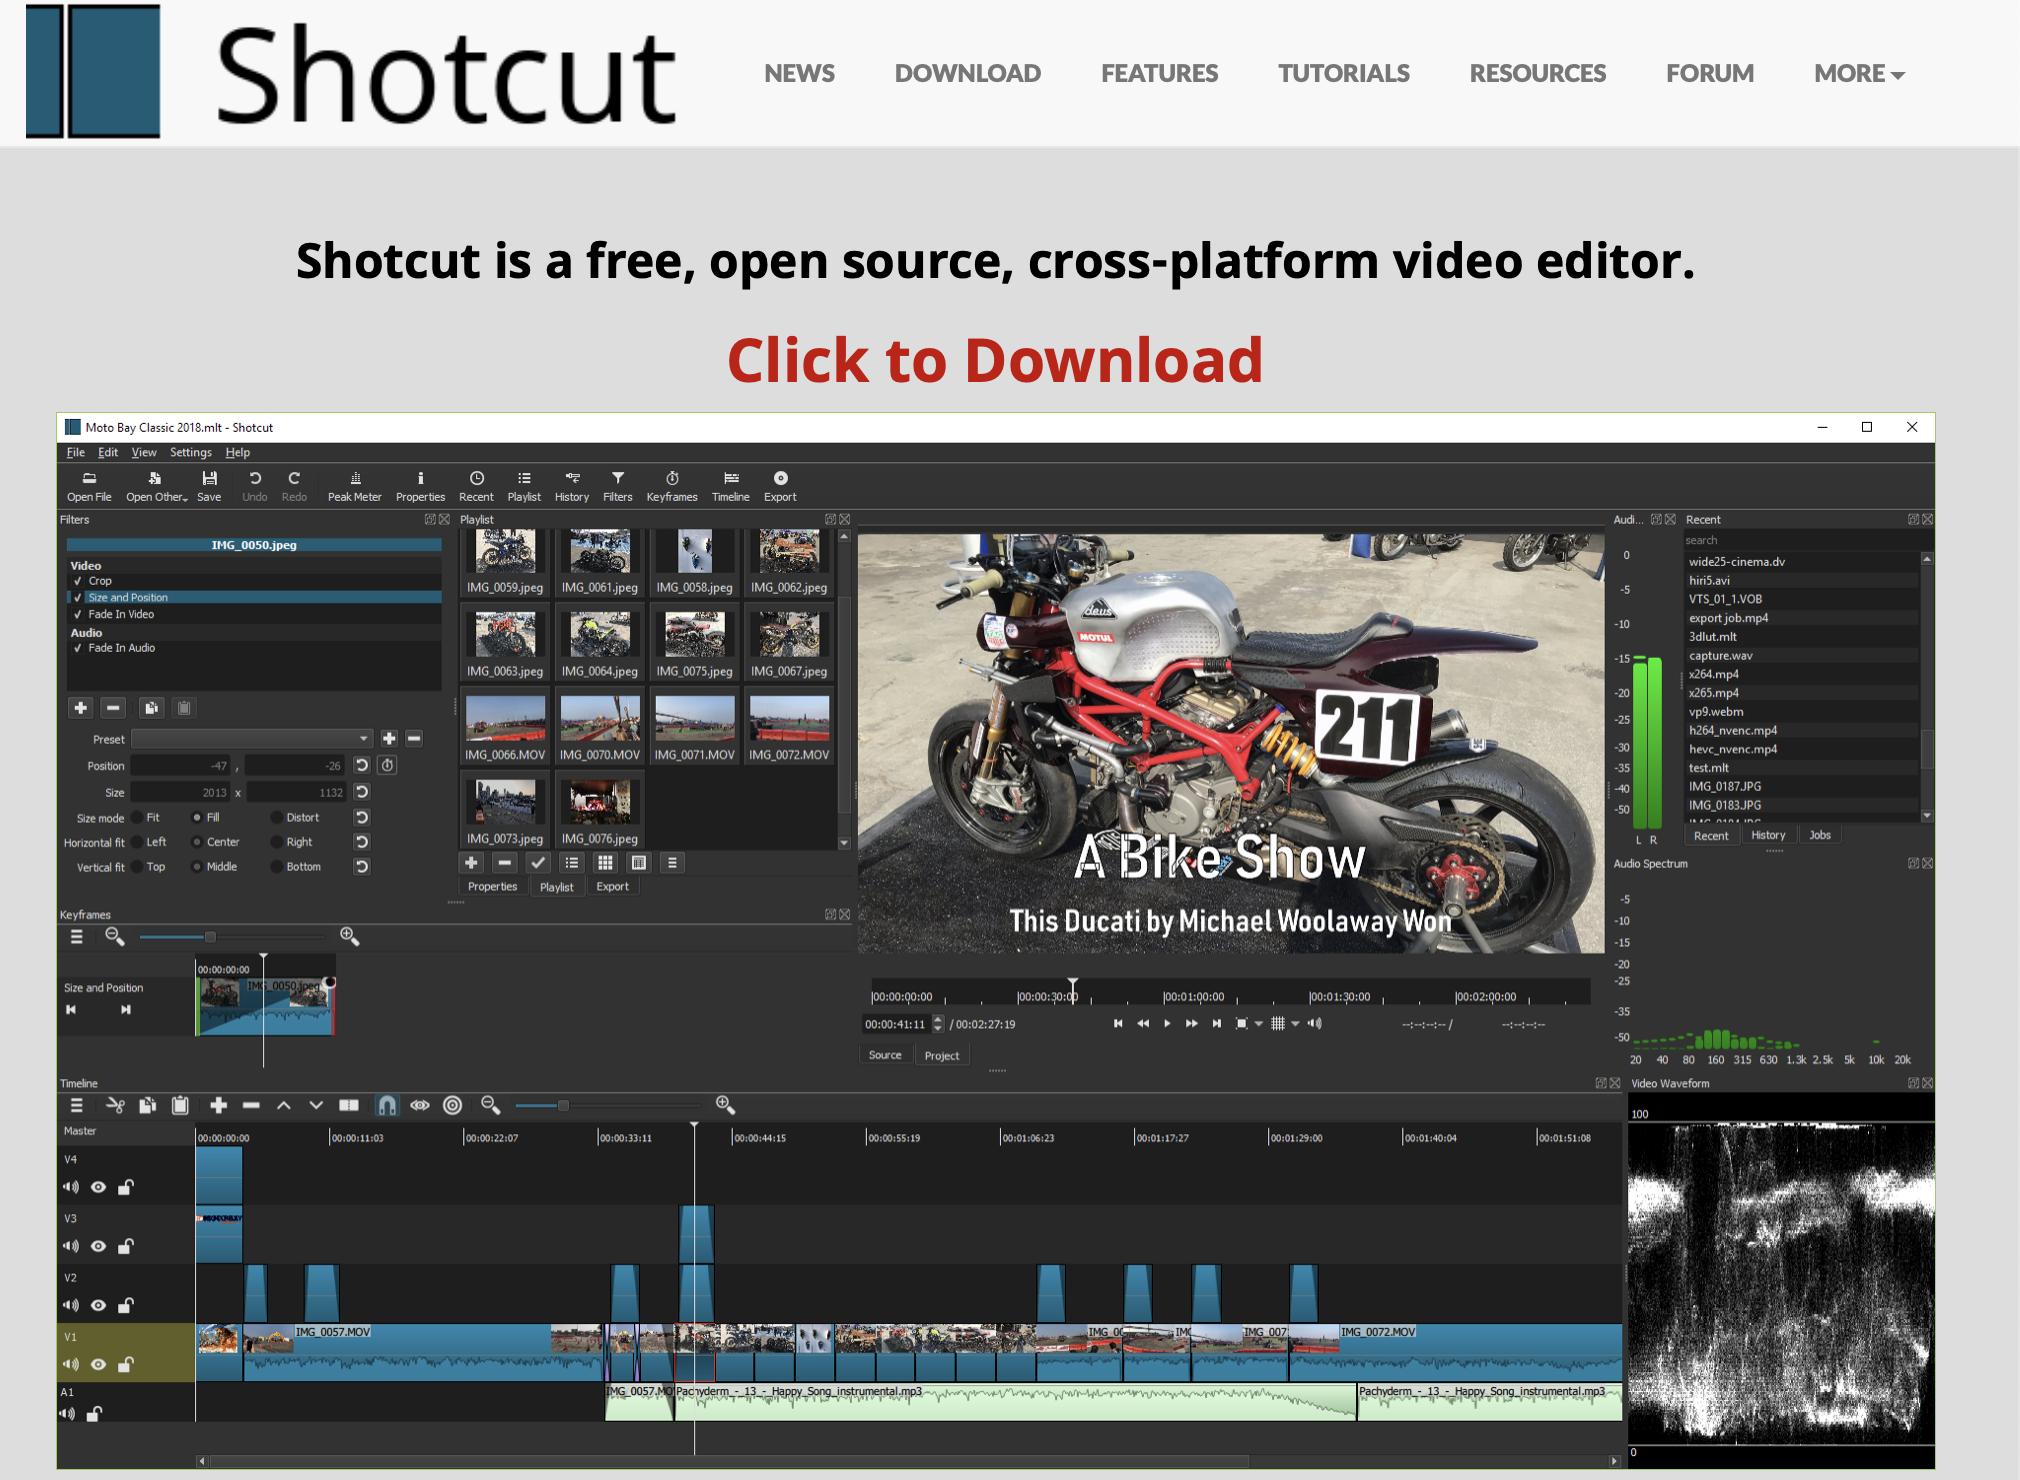 shotcutの特徴は?無料ながら高性能、4K動画も編集できるその魅力を徹底解説する!